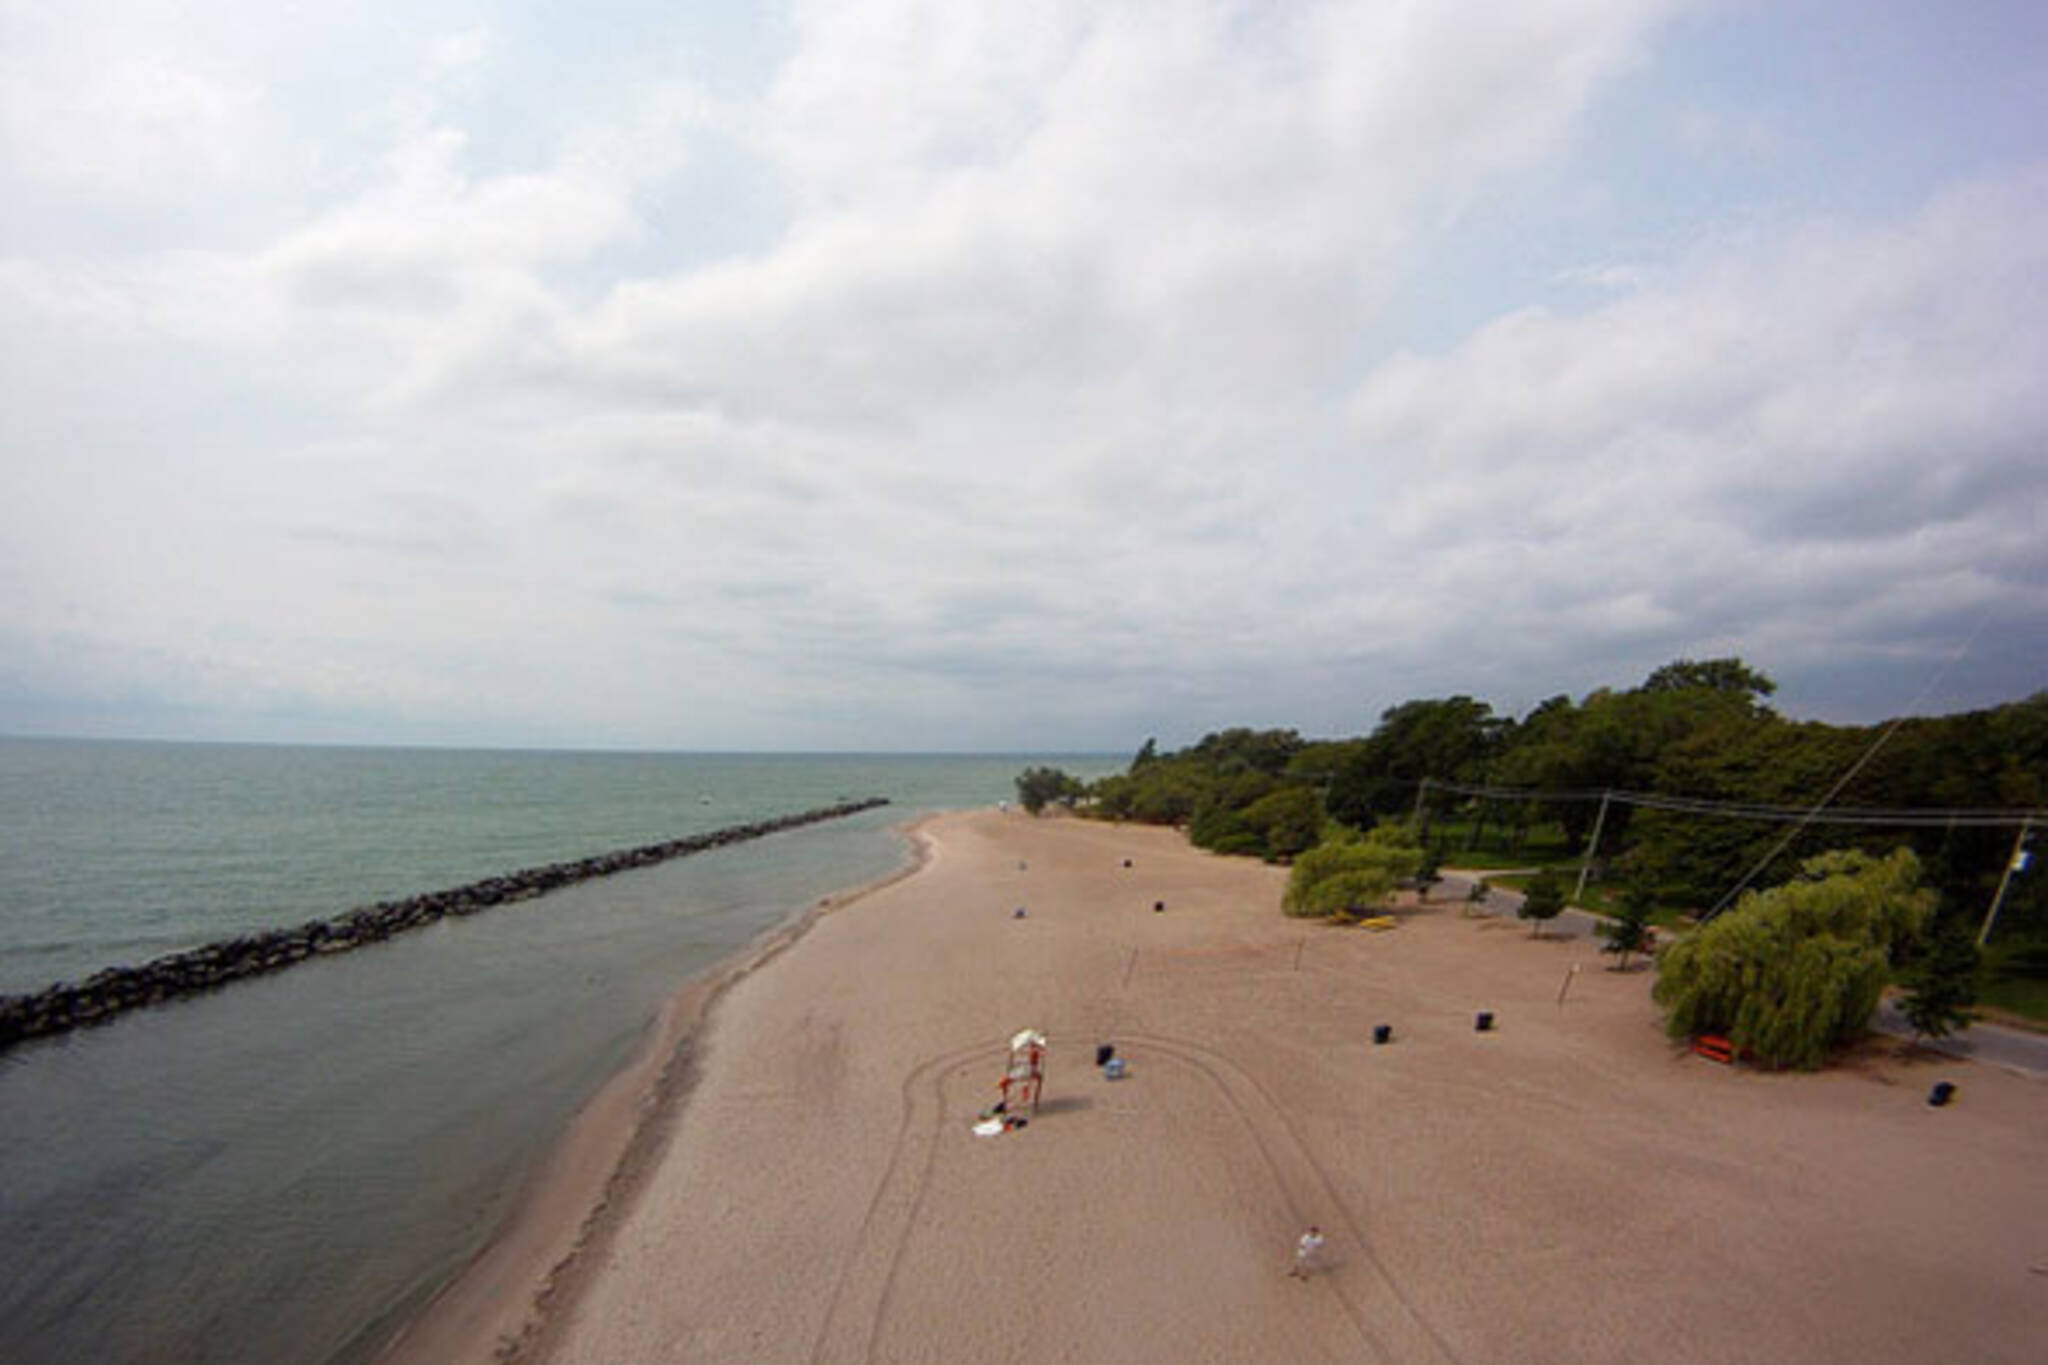 toronto islands beach aerial view